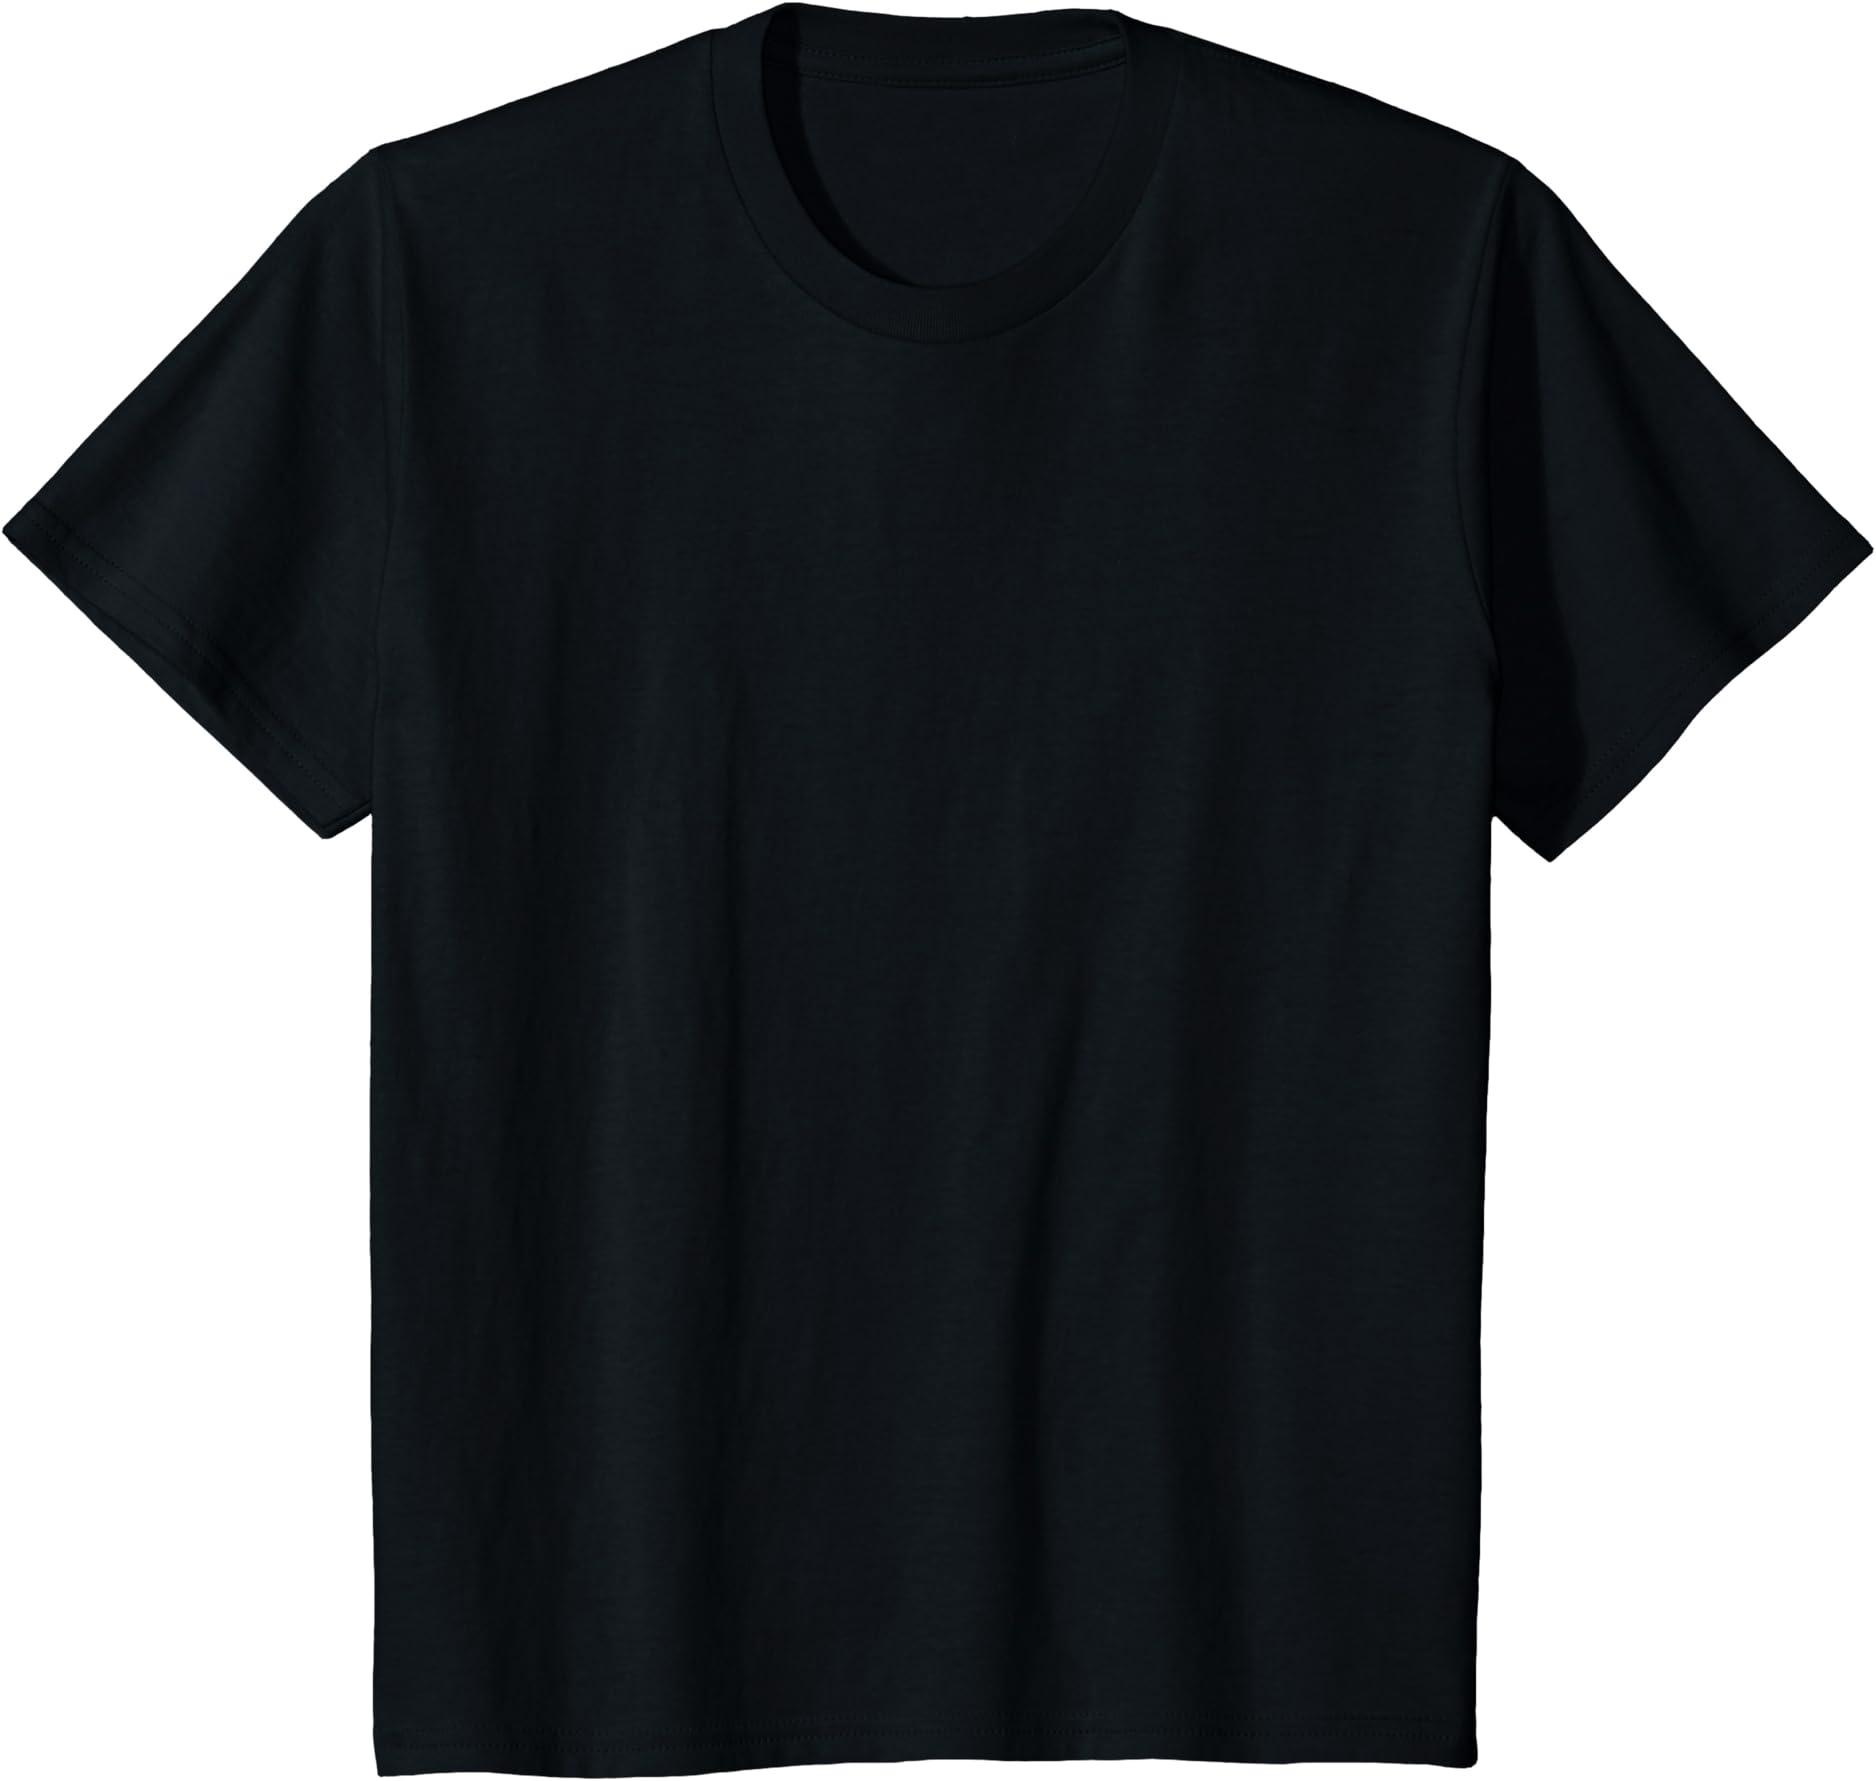 Batman Gotham City Gym Youth T-Shirt